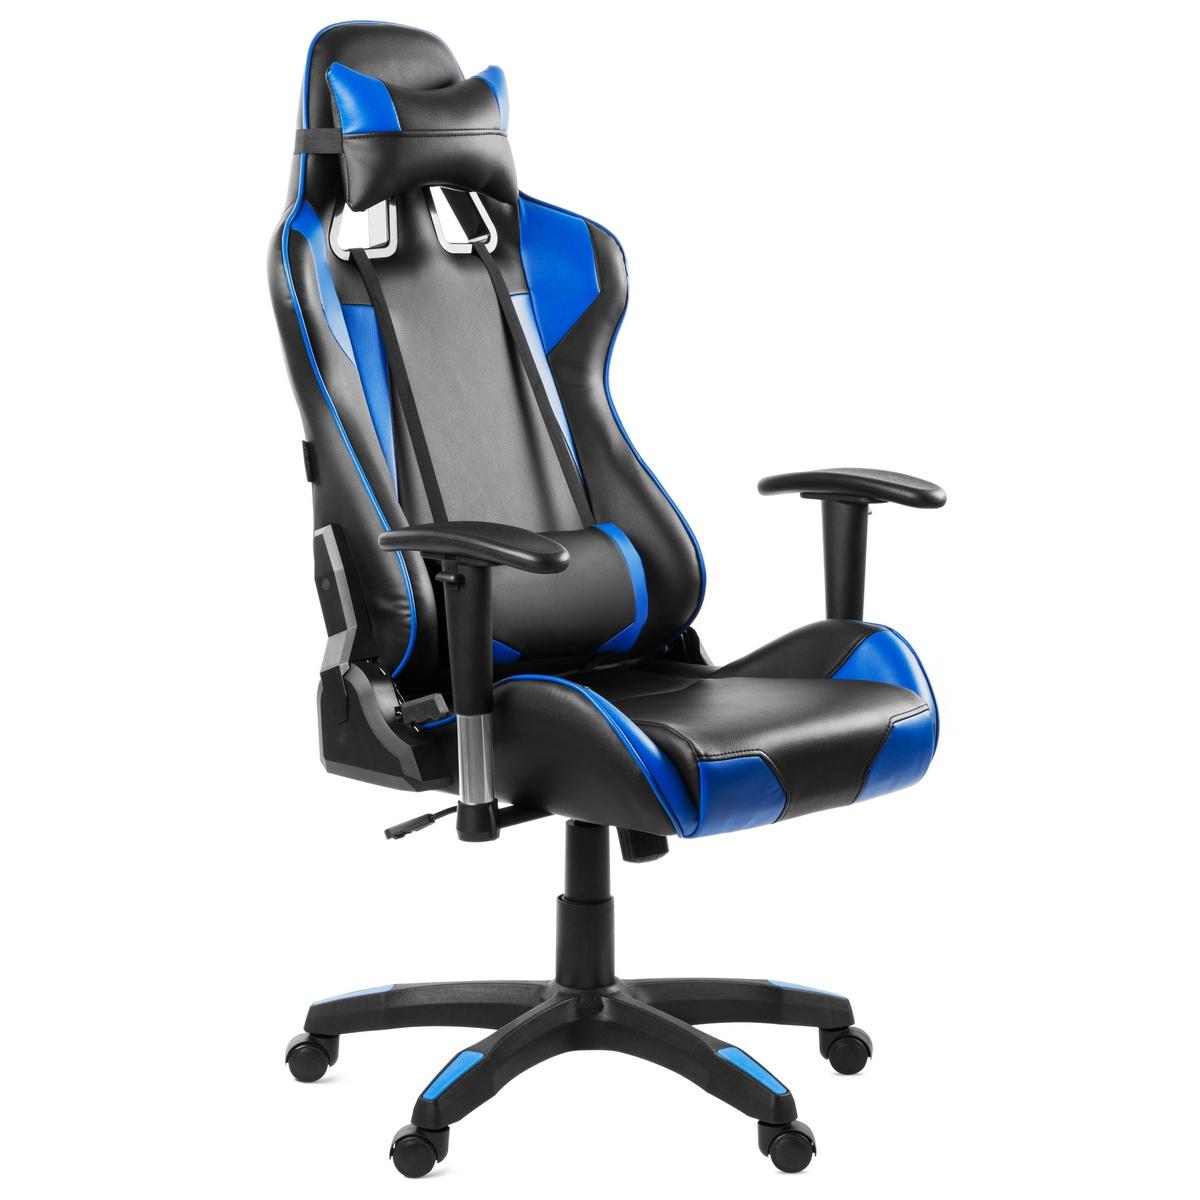 Fauteuil de Bureau Mchaus Sport Gamer Rembourrage ergonomique (Bleu, rouge ou gris) - Livraison gratuite